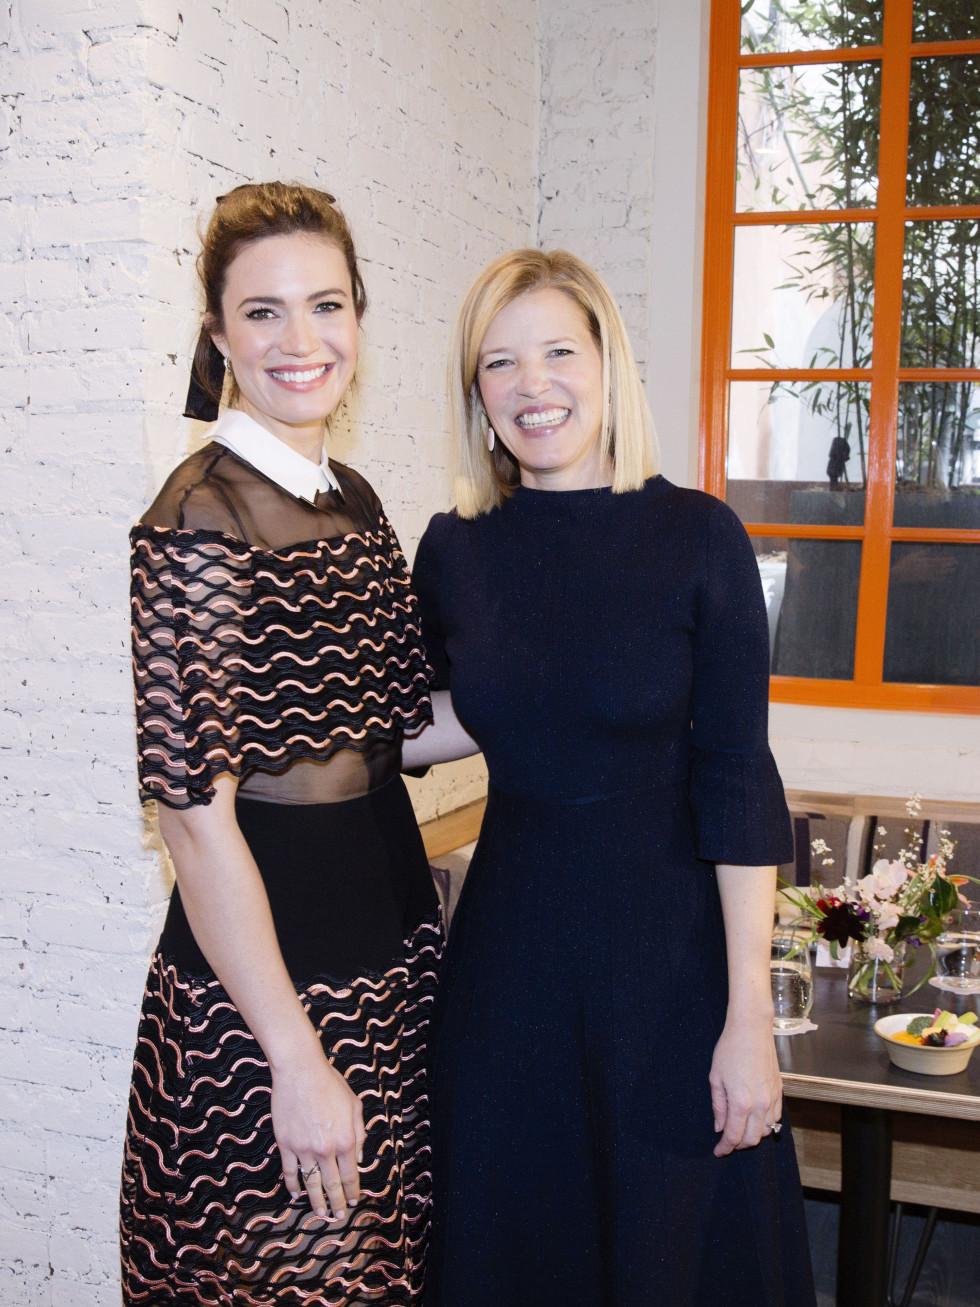 Mandy Moore at Lela Rose fall 2017 collection at New York Fashion Week